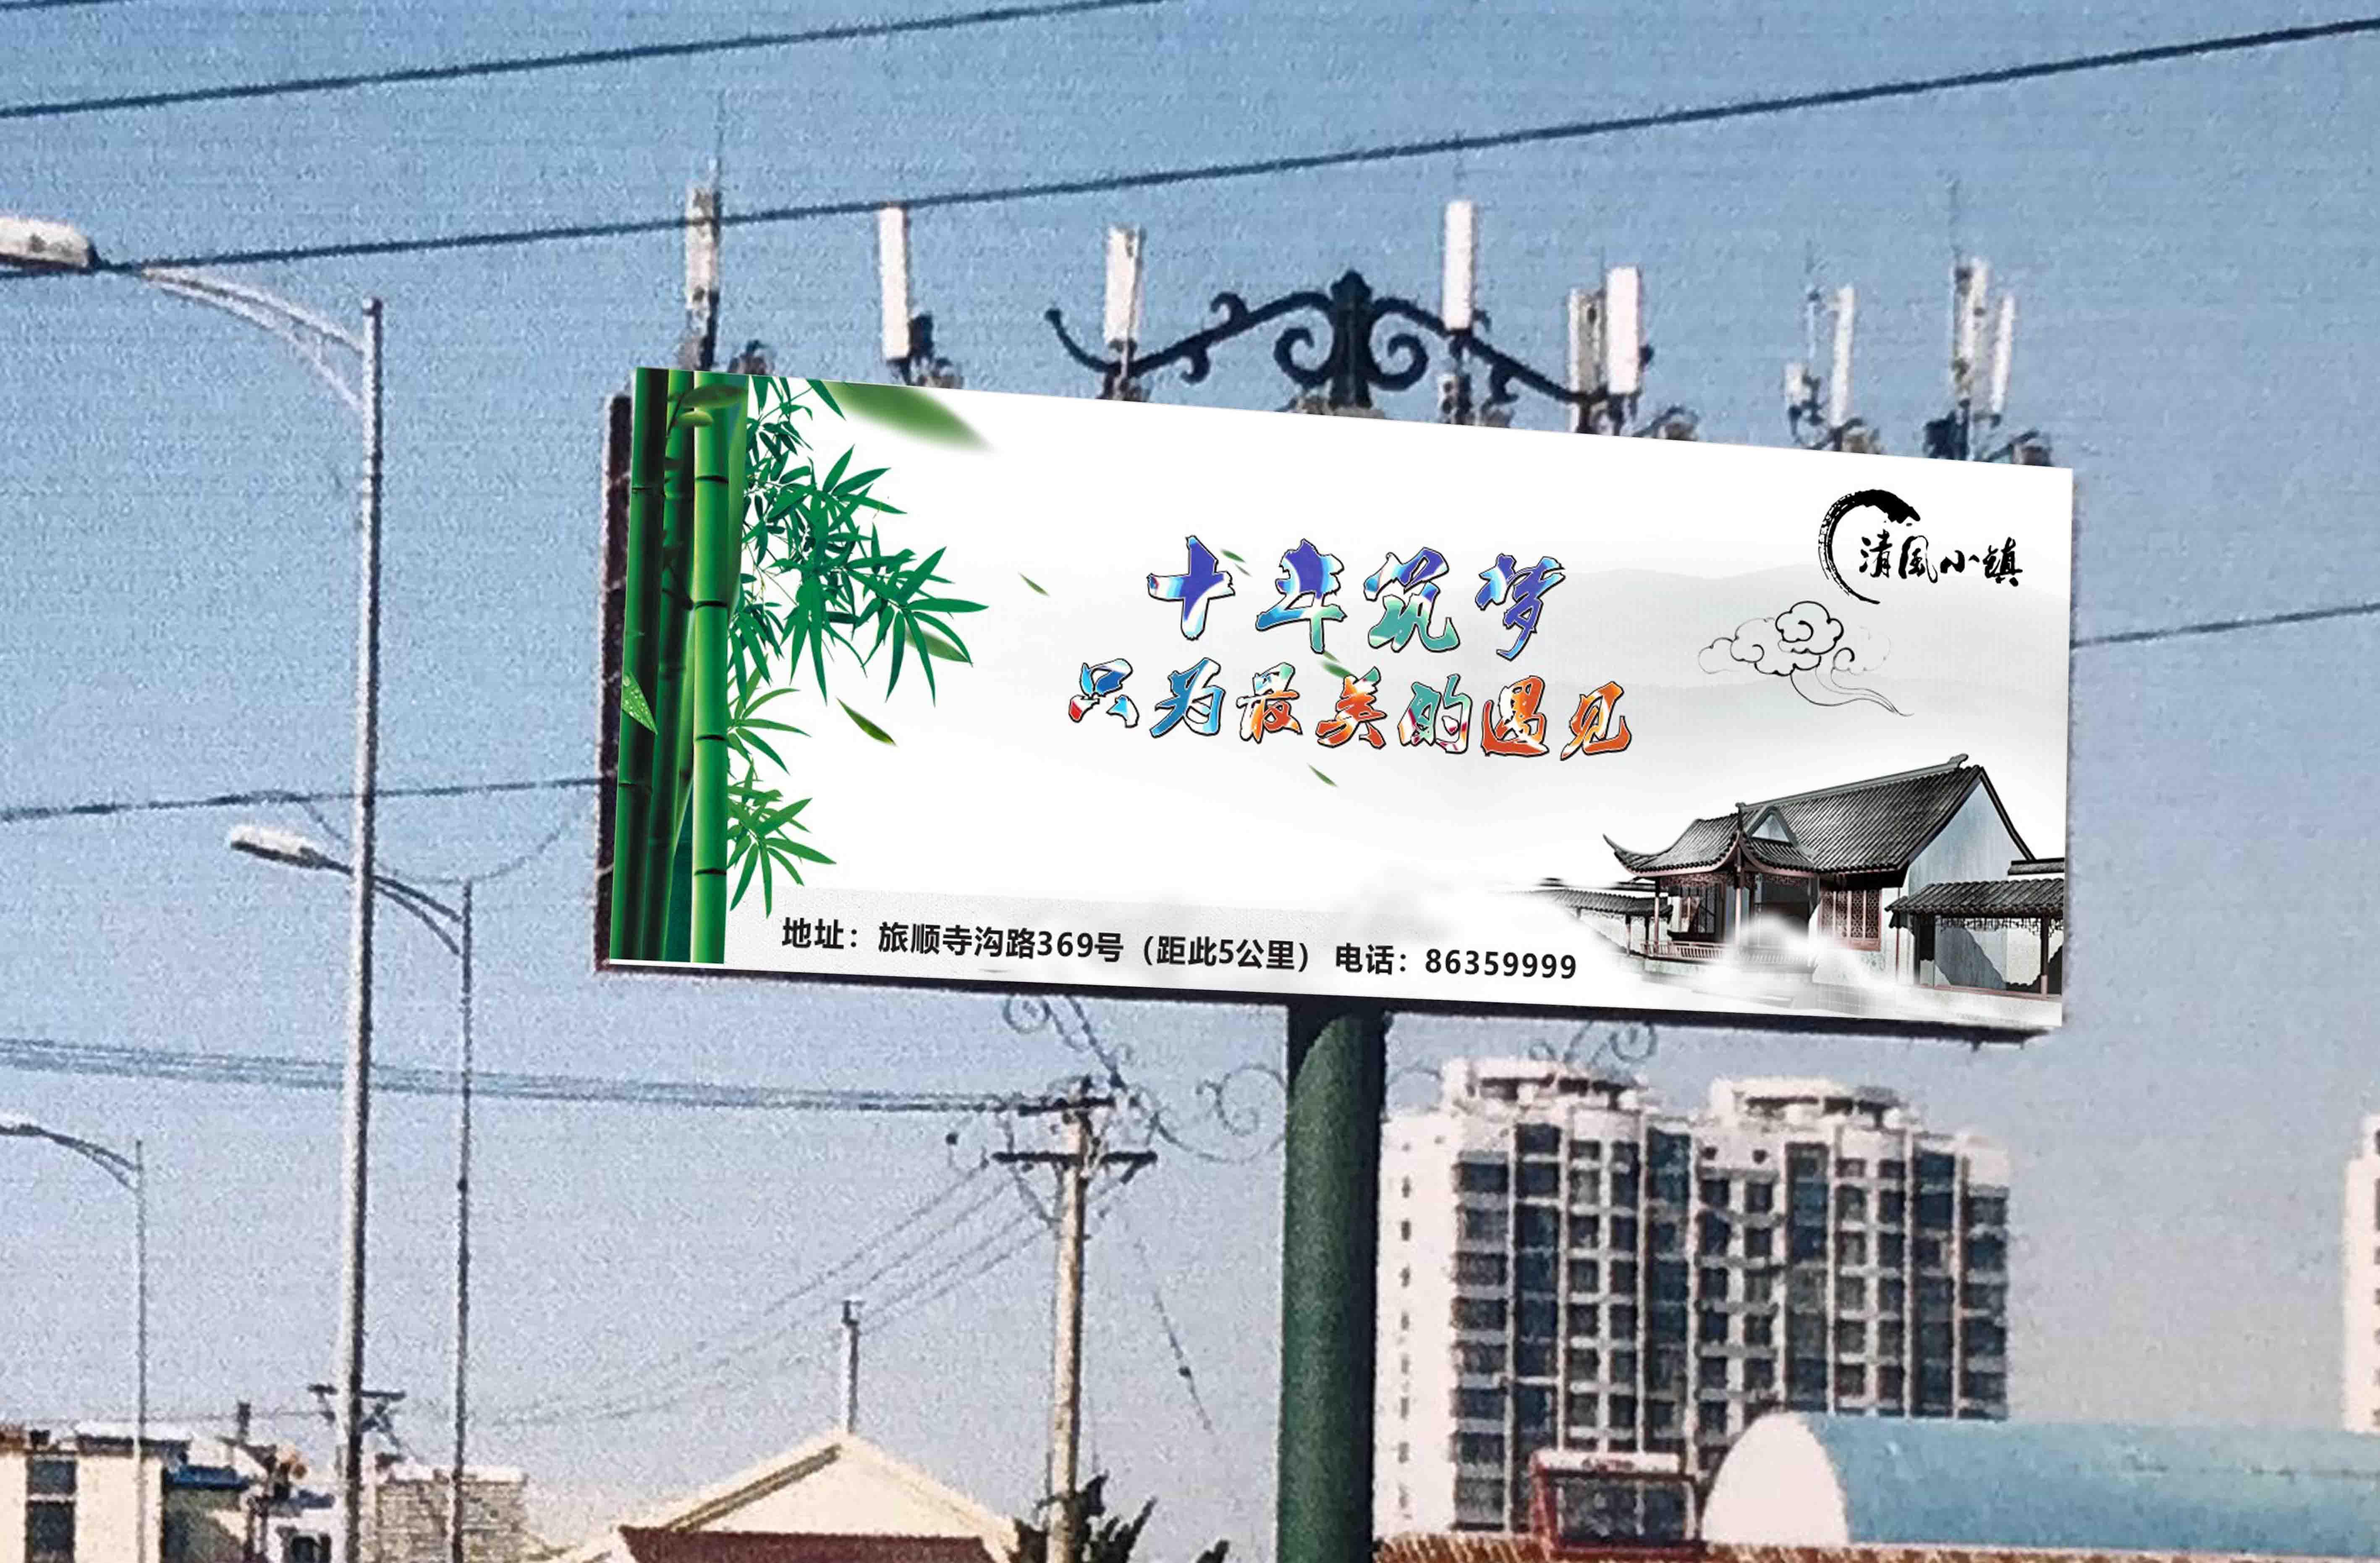 清风小镇影视基地户外广告牌设计_2963389_k68威客网